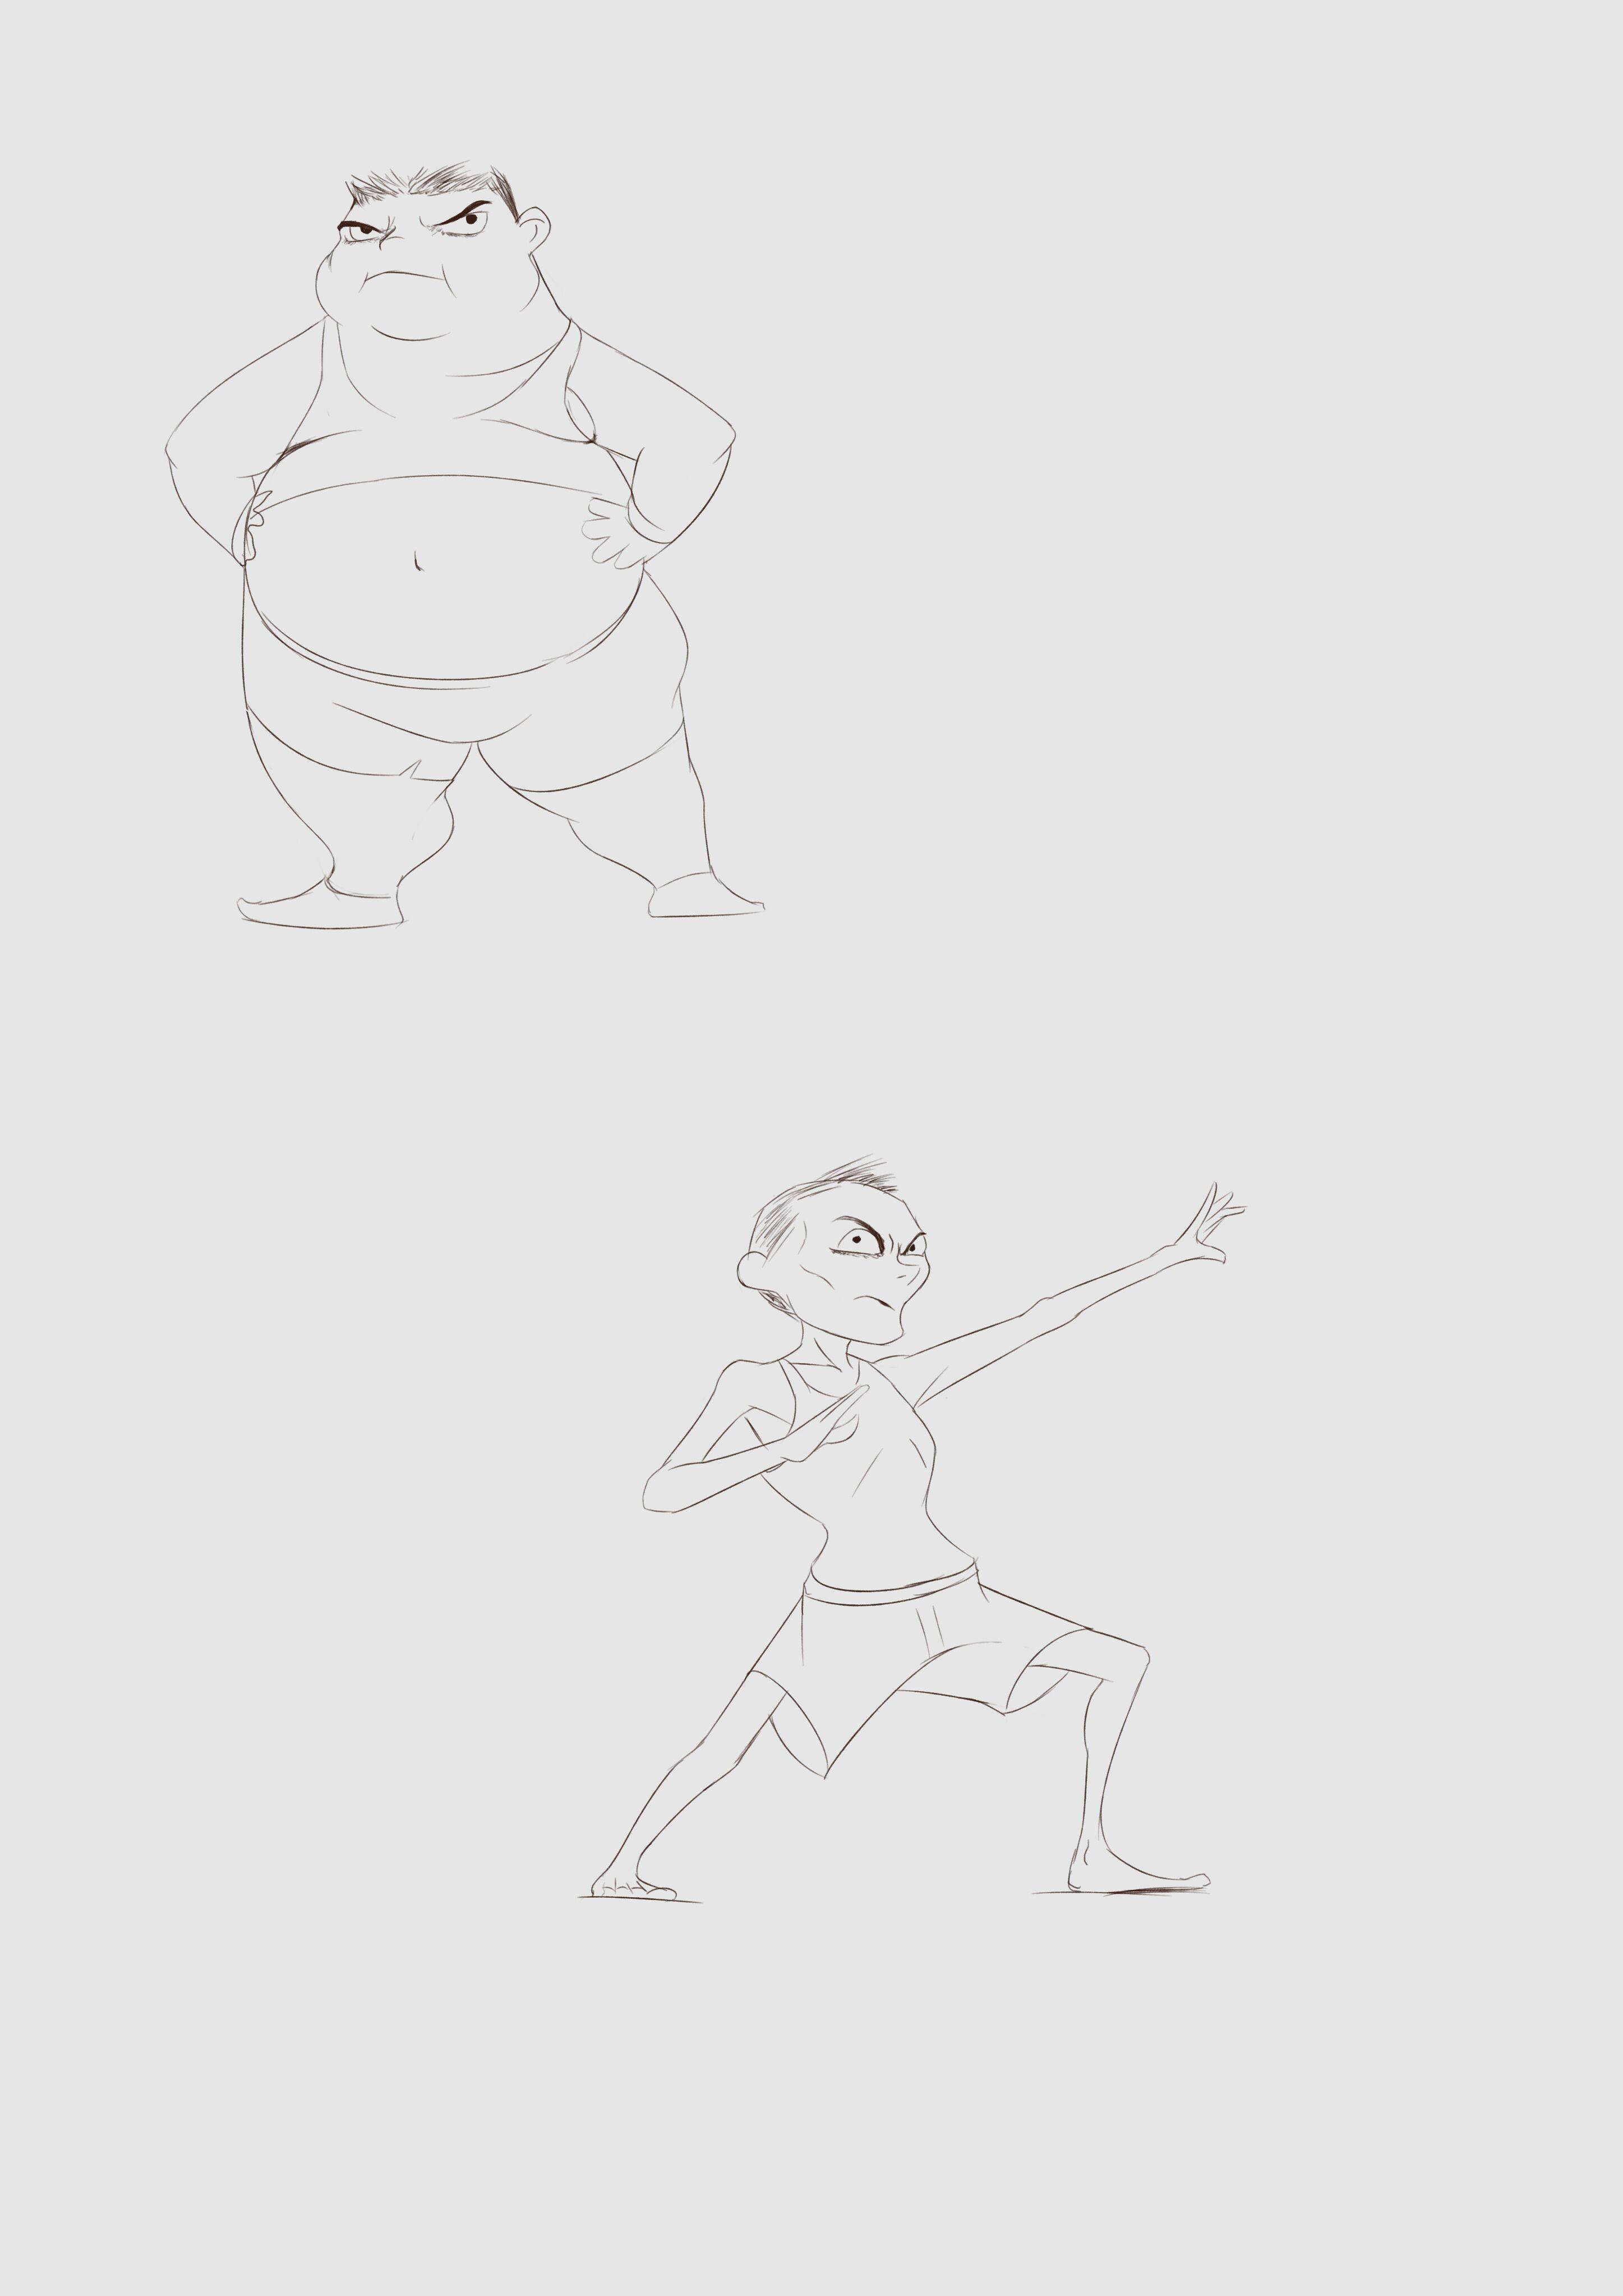 【板绘】(非任务)练习——5(尝试不同体型)-小柚妹站